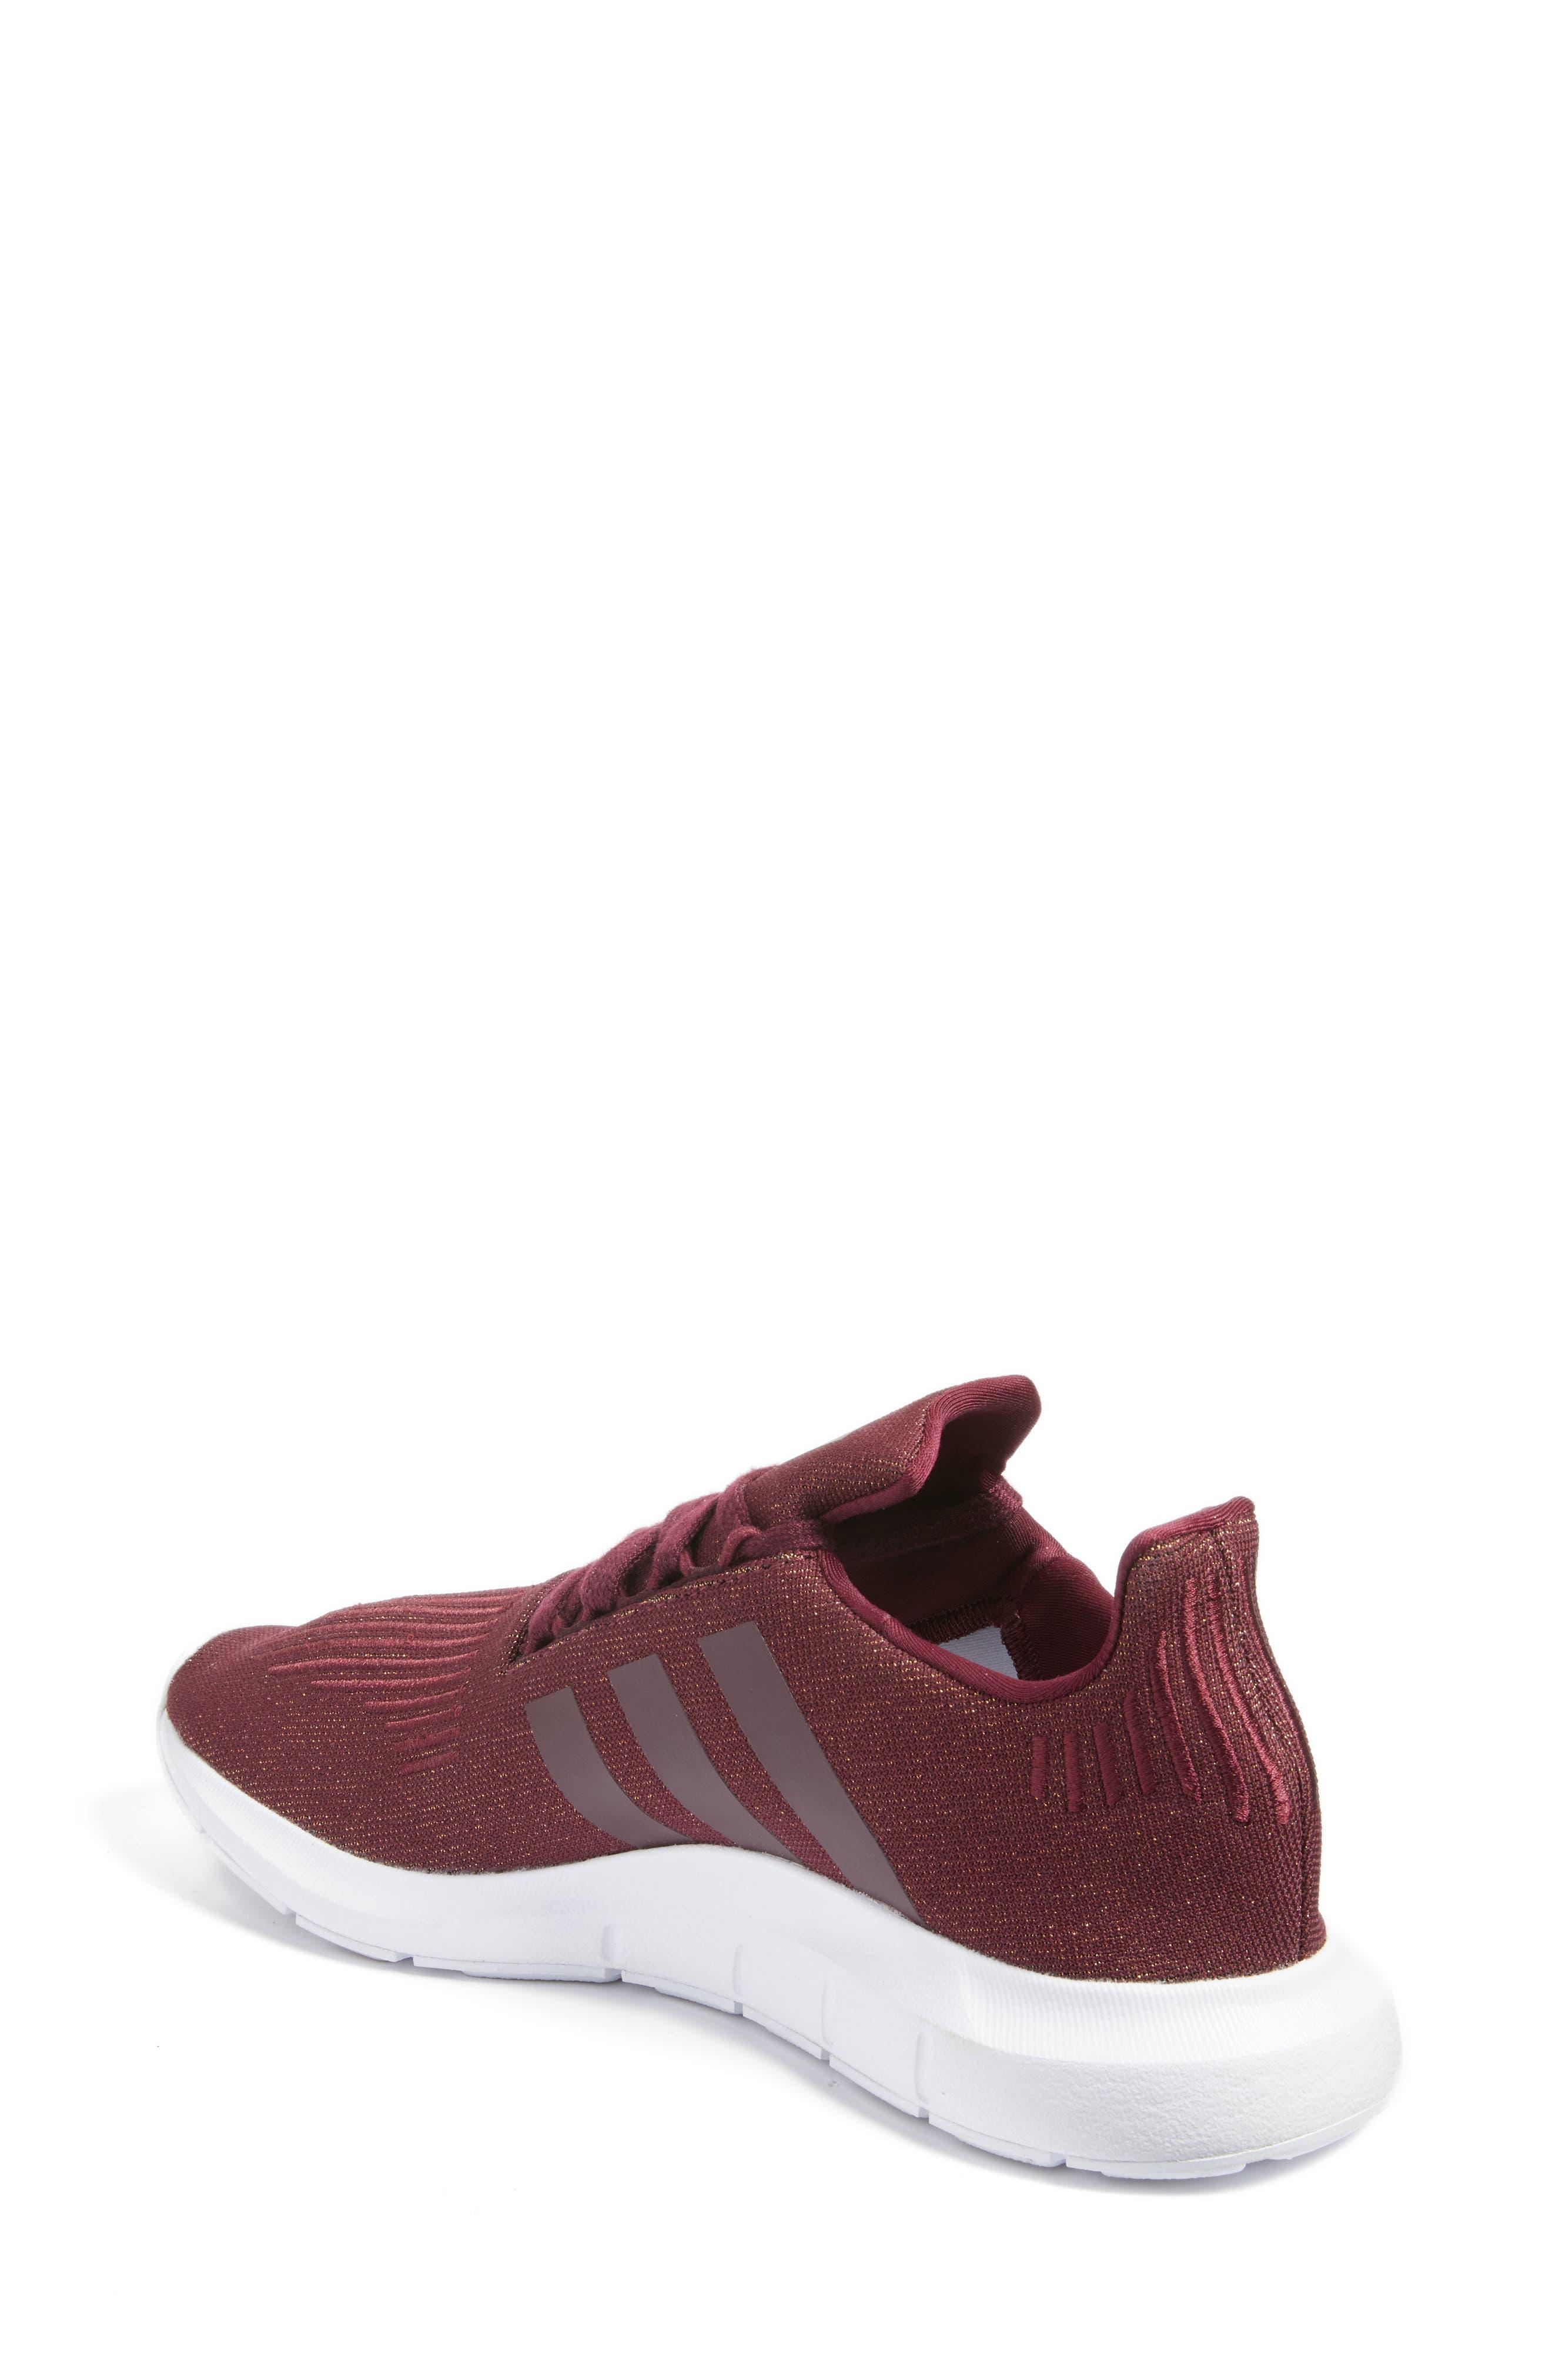 Swift Run Sneaker,                             Alternate thumbnail 66, color,